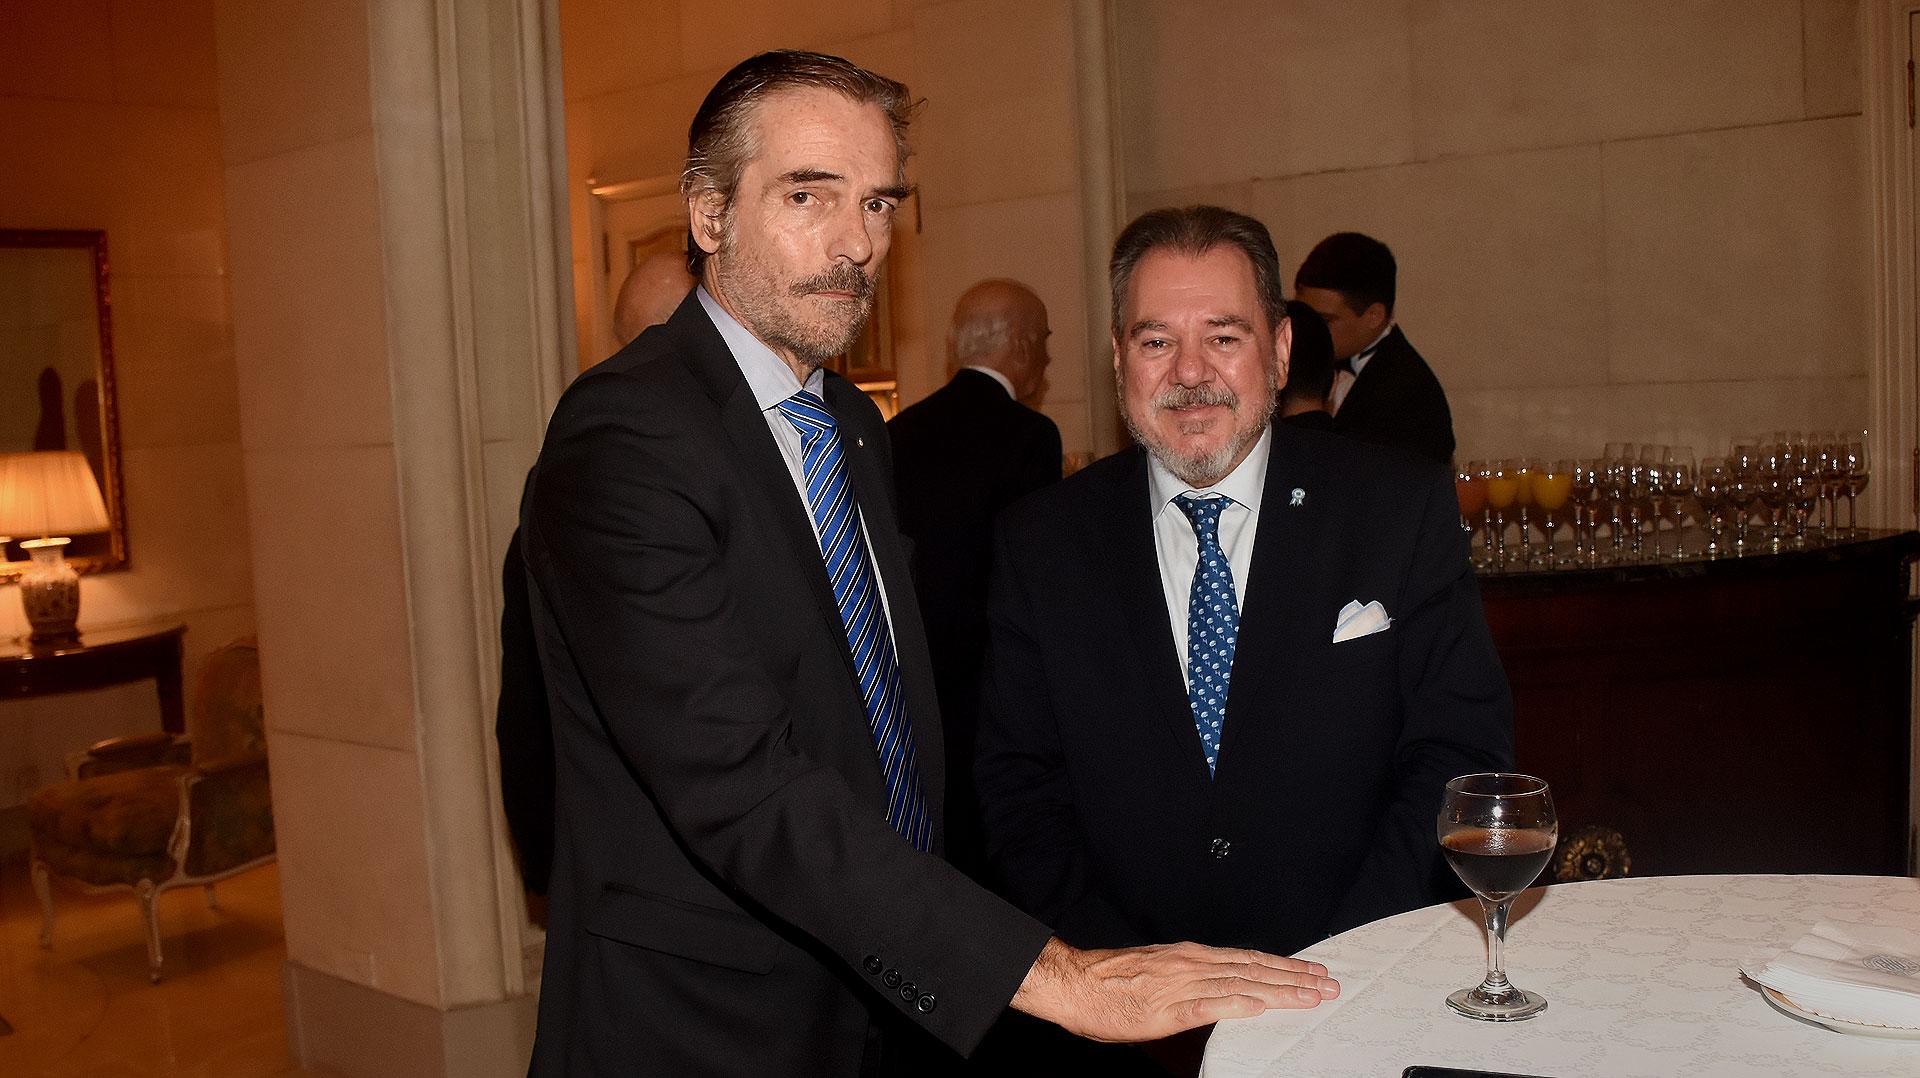 Gustavo Hornos, juez de la Sala IV de la Cámara Federal de Casación Penal, y el empresario Mario Montoto